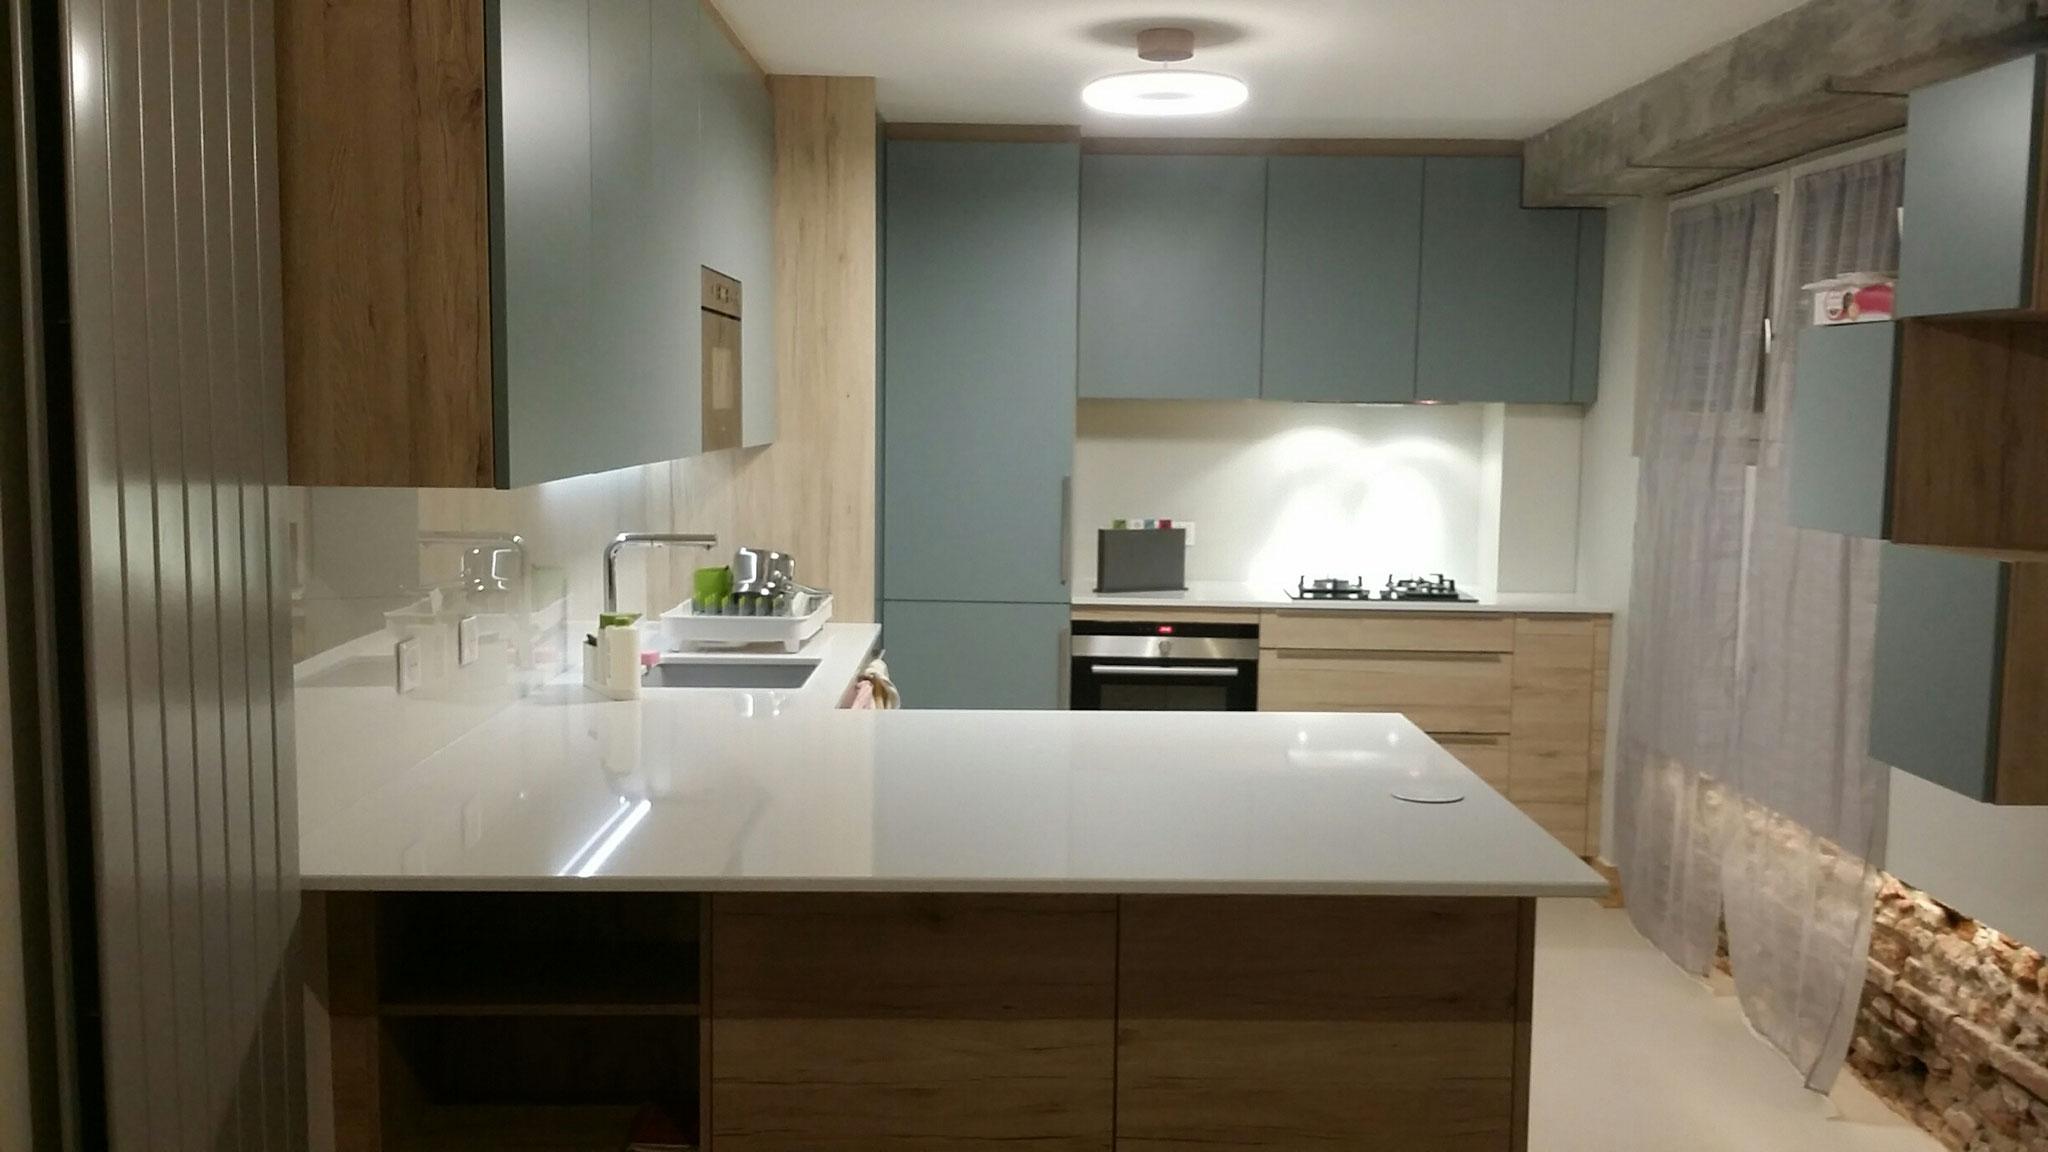 cuisine avec ilot sur mesure bleu et bois type scnadinave par Cuisine Intérieur Design